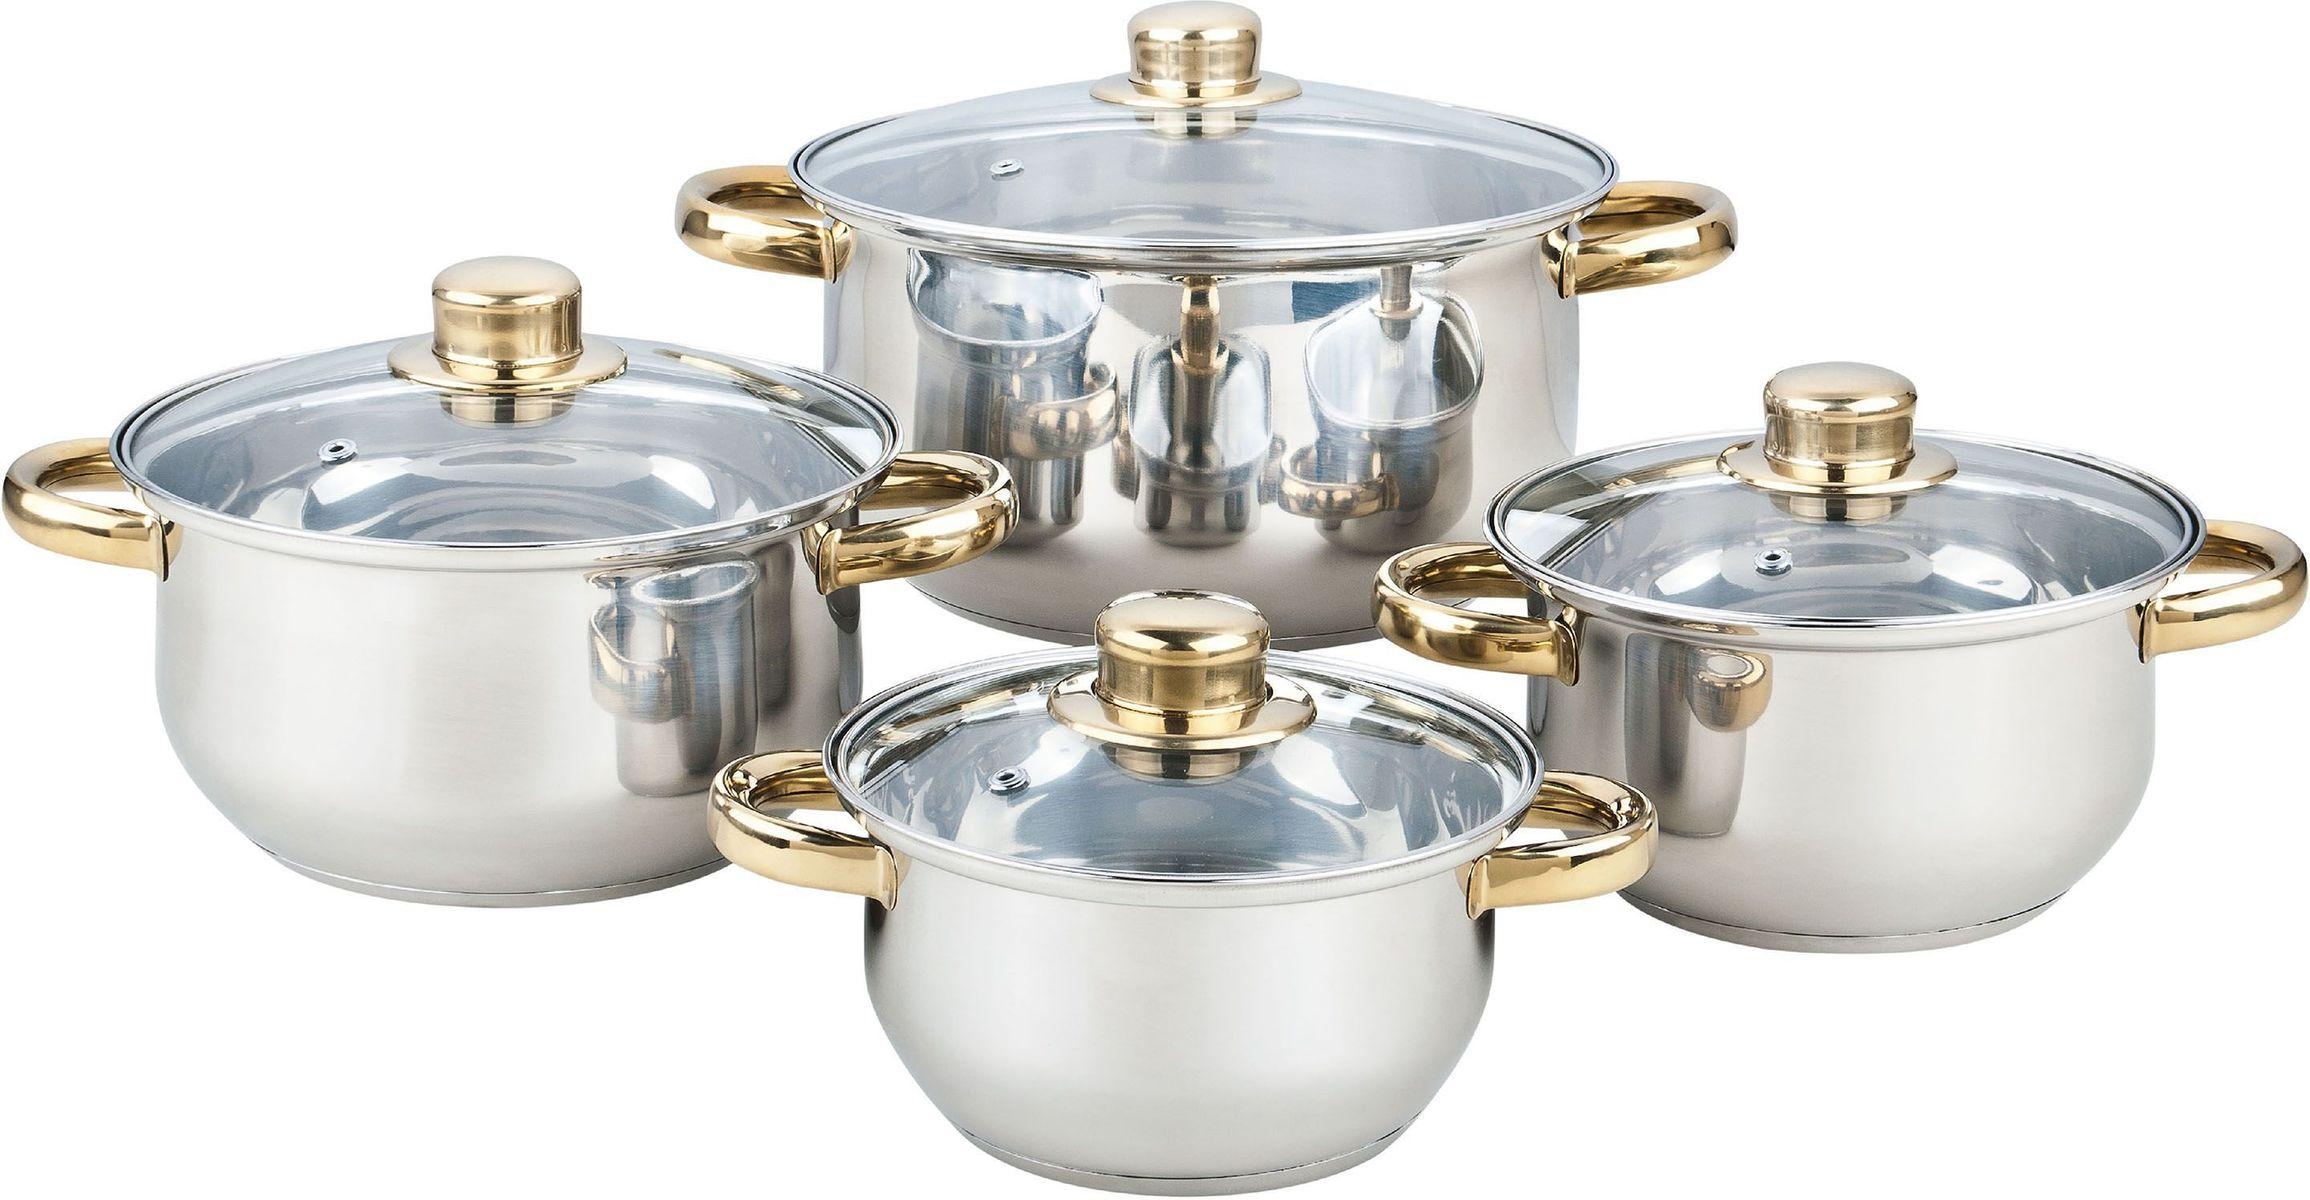 Набор посуды Bekker Classic, 8 предметов. BK-460354 0093128 предметов: 4 кастрюли со стеклянными крышками 16см/1,5л, 18см/2,1л, 20см/3л, 24см/6л. Ручки из нерж.стали под золото, поверхность зеркальная, капсулированное дно, толщина стенки 0,3 мм, дна 1,0 мм. Подходит для чистки в посудомоечной машине. Состав: нержавеющая сталь.